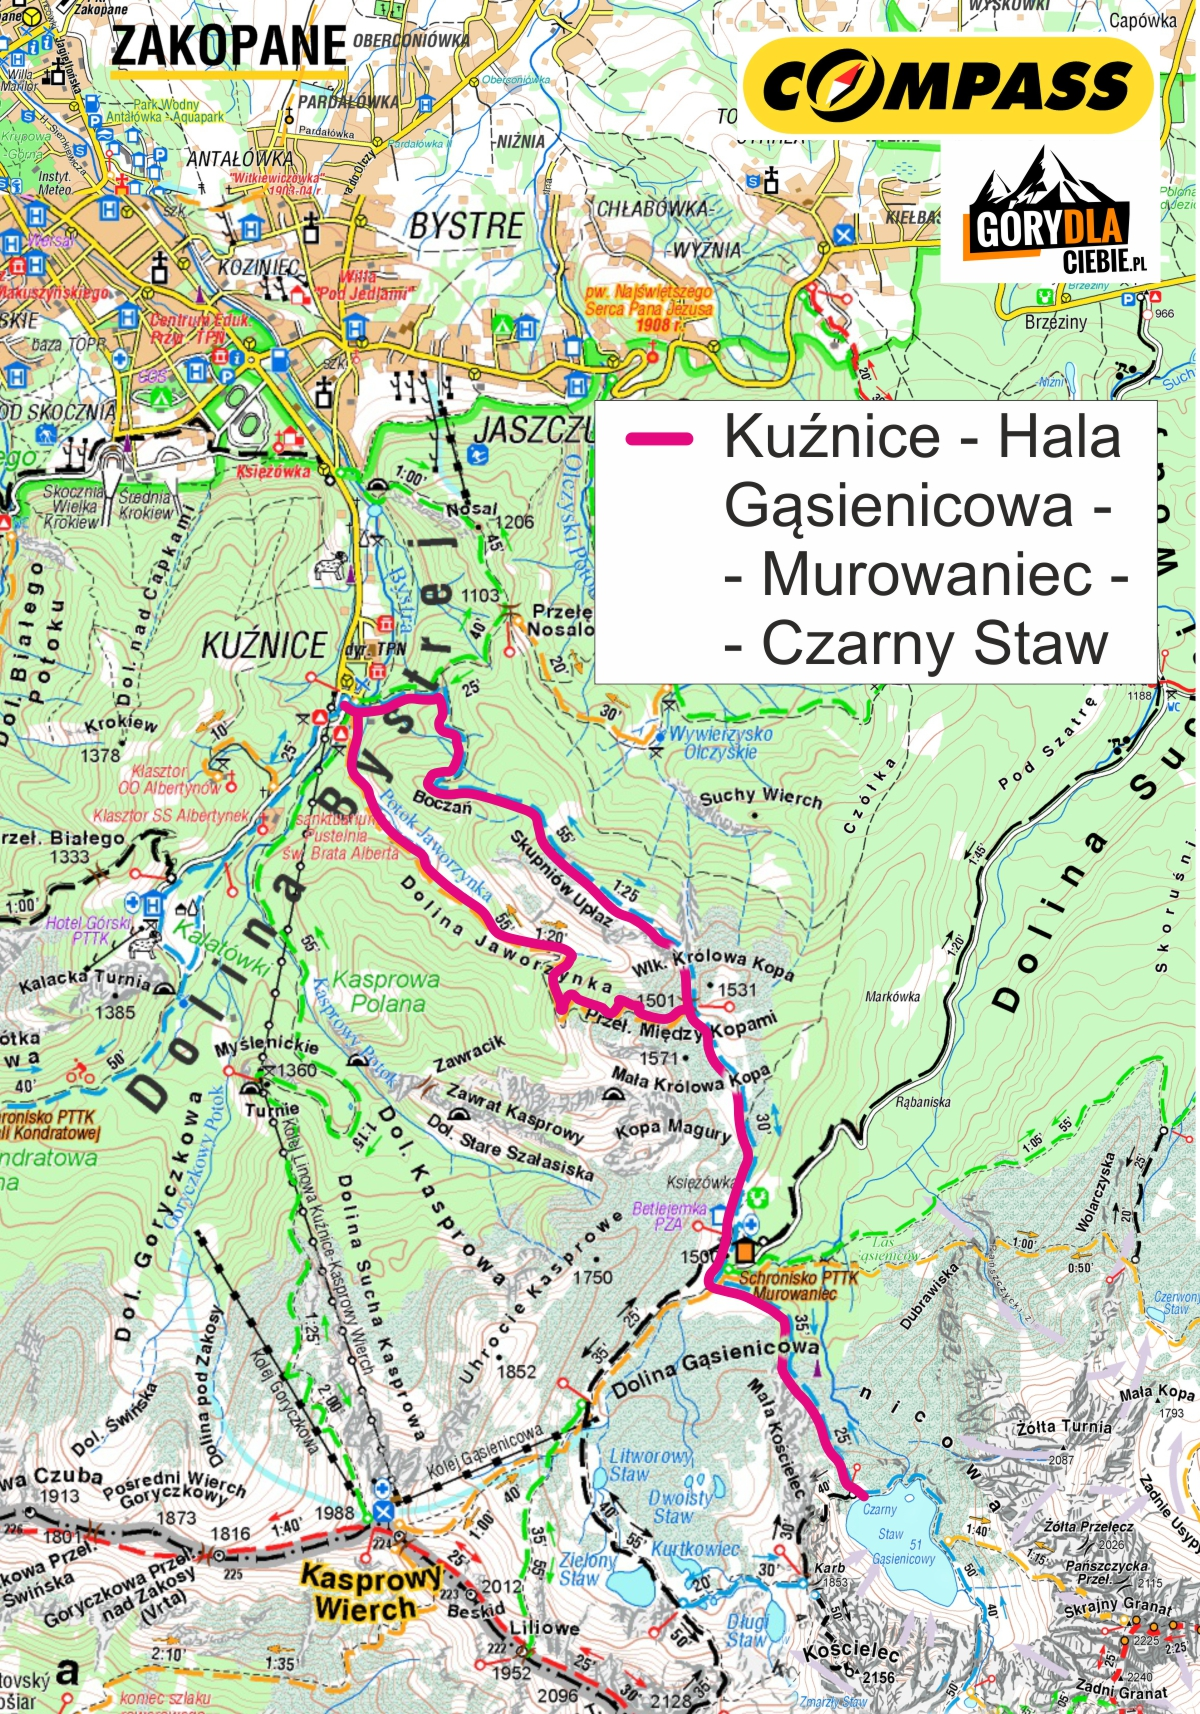 Hala Gąsienicowa i Czarny Staw - mapa